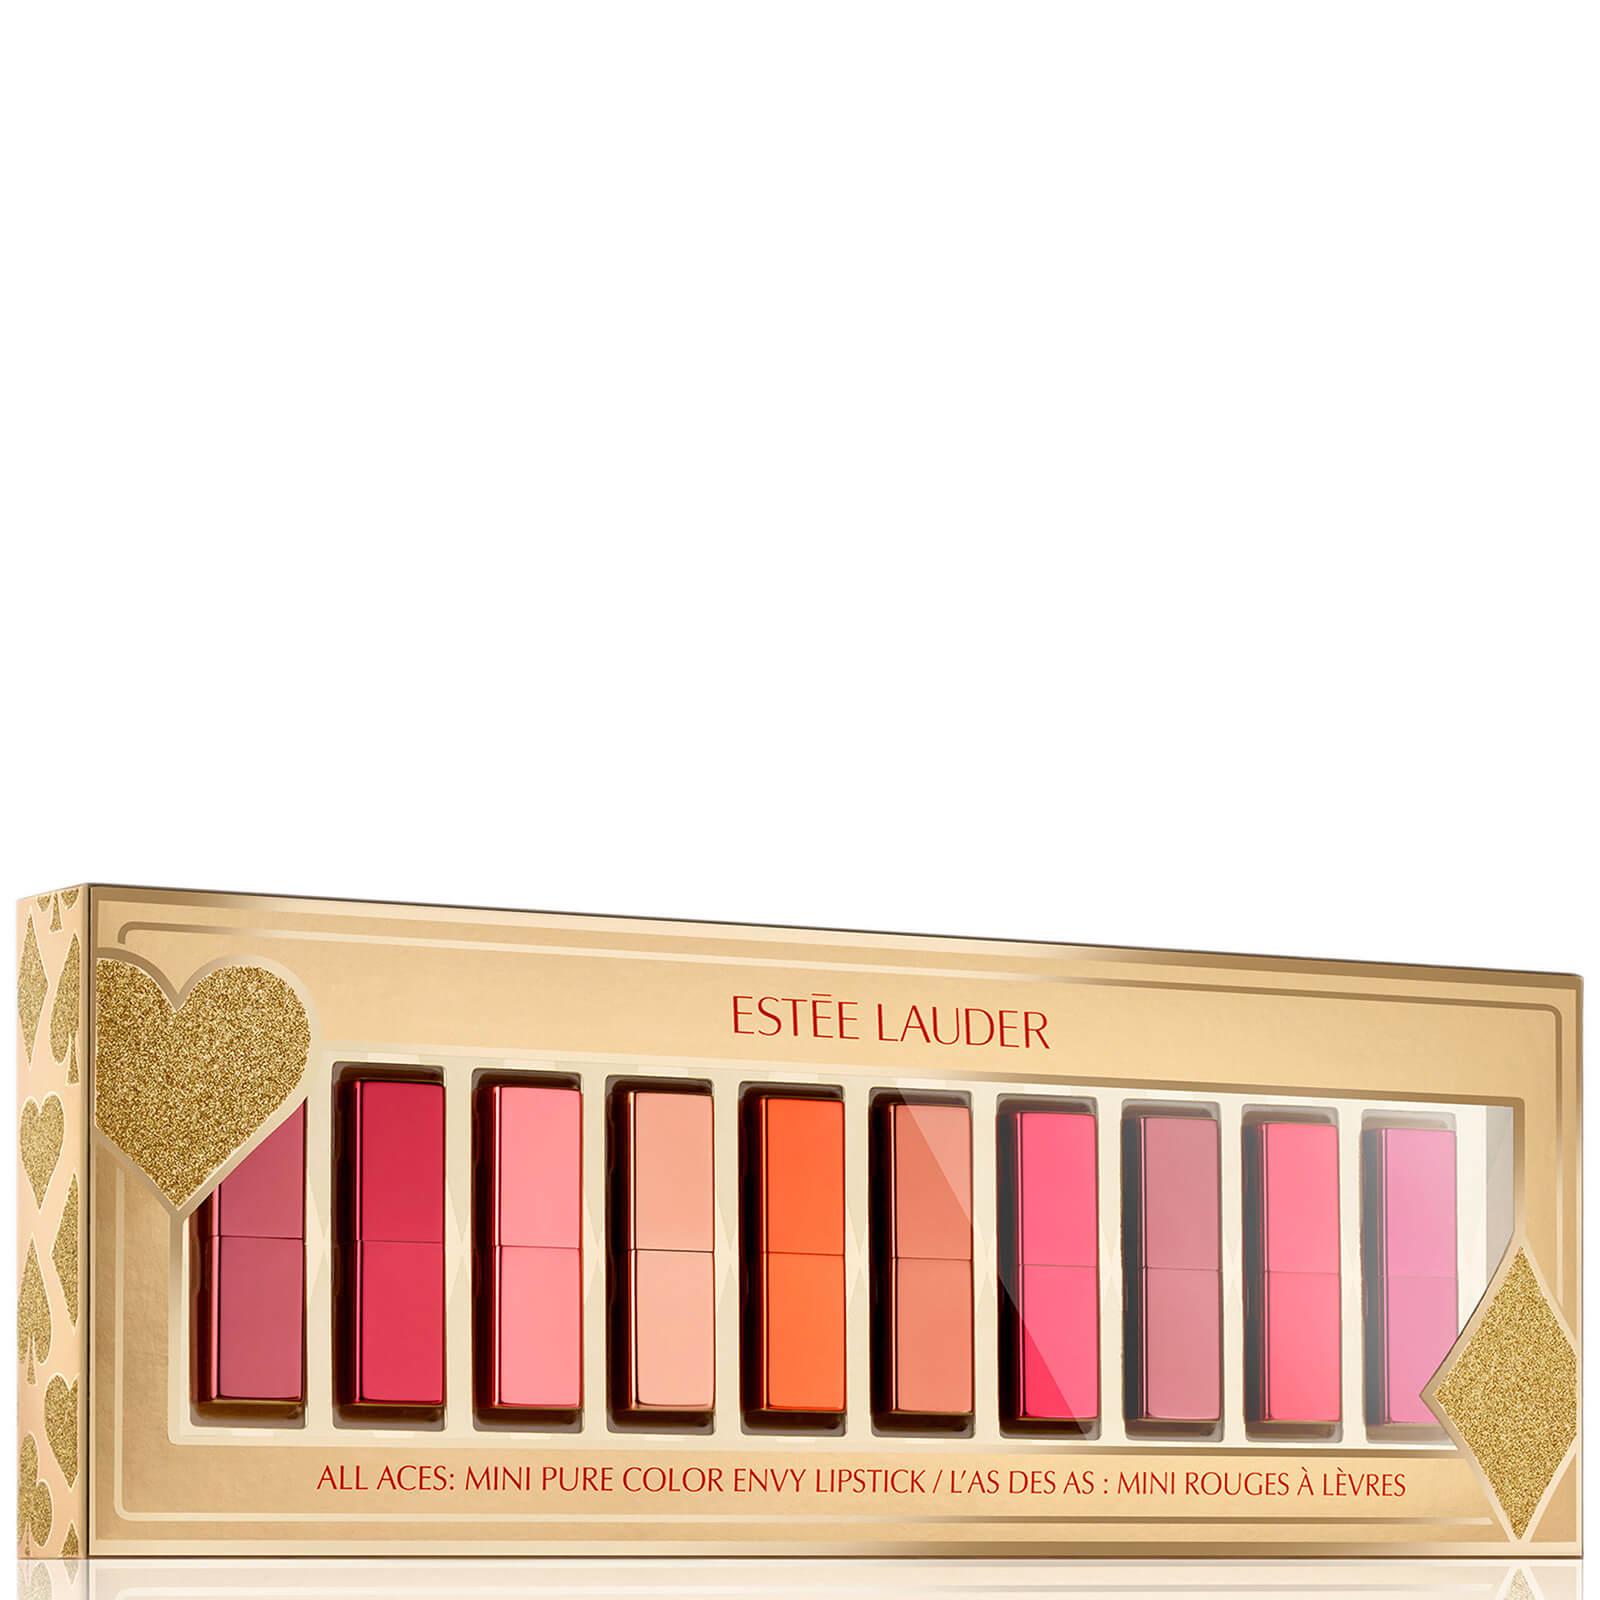 Estée Lauder Exclusive All Aces Mini Pure Color Envy Lipstick Collection